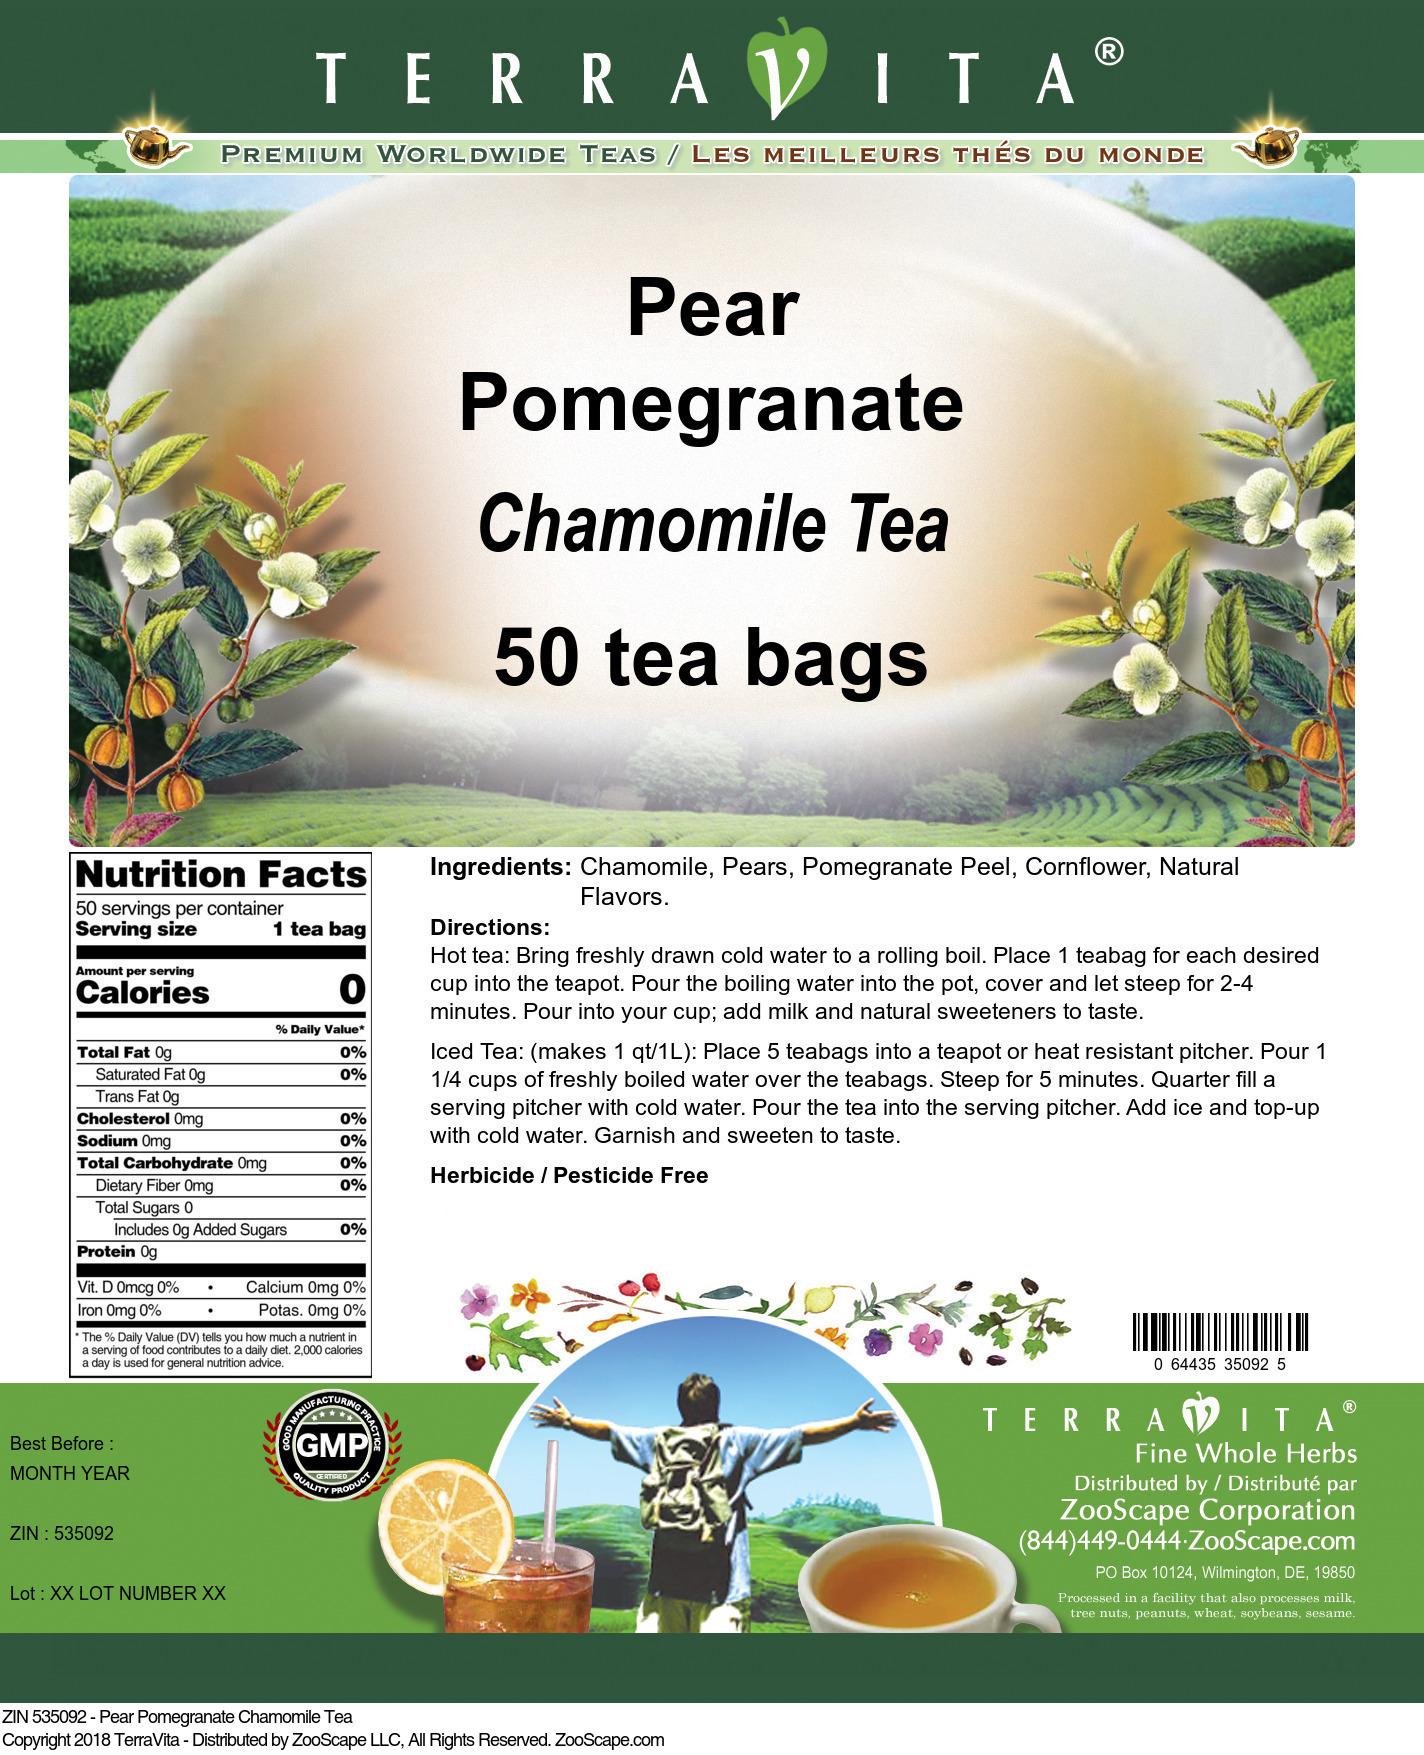 Pear Pomegranate Chamomile Tea